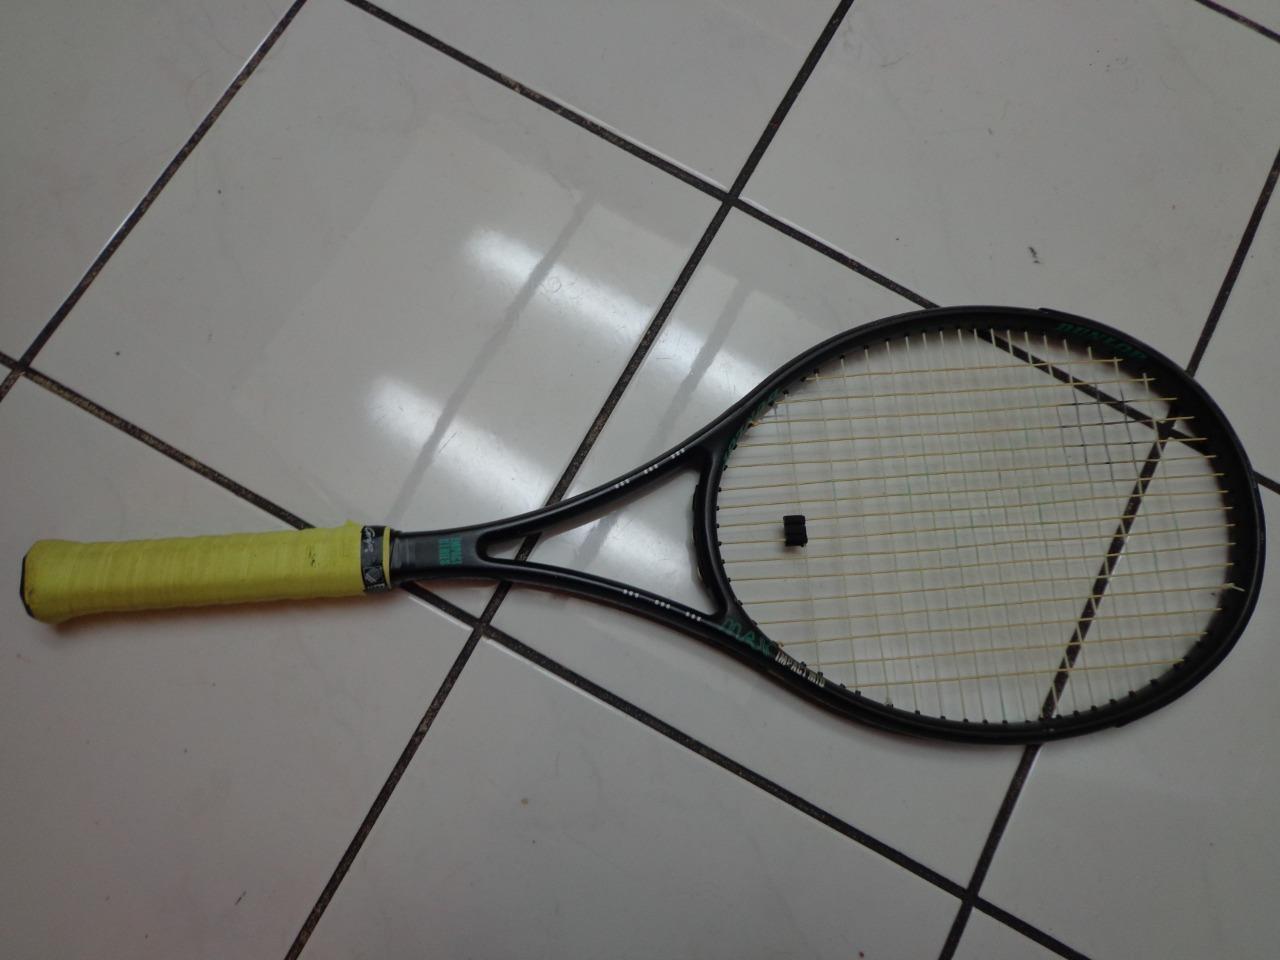 Dunlop MAX Impact Mid 4 3 8 grip Tennis Racquet